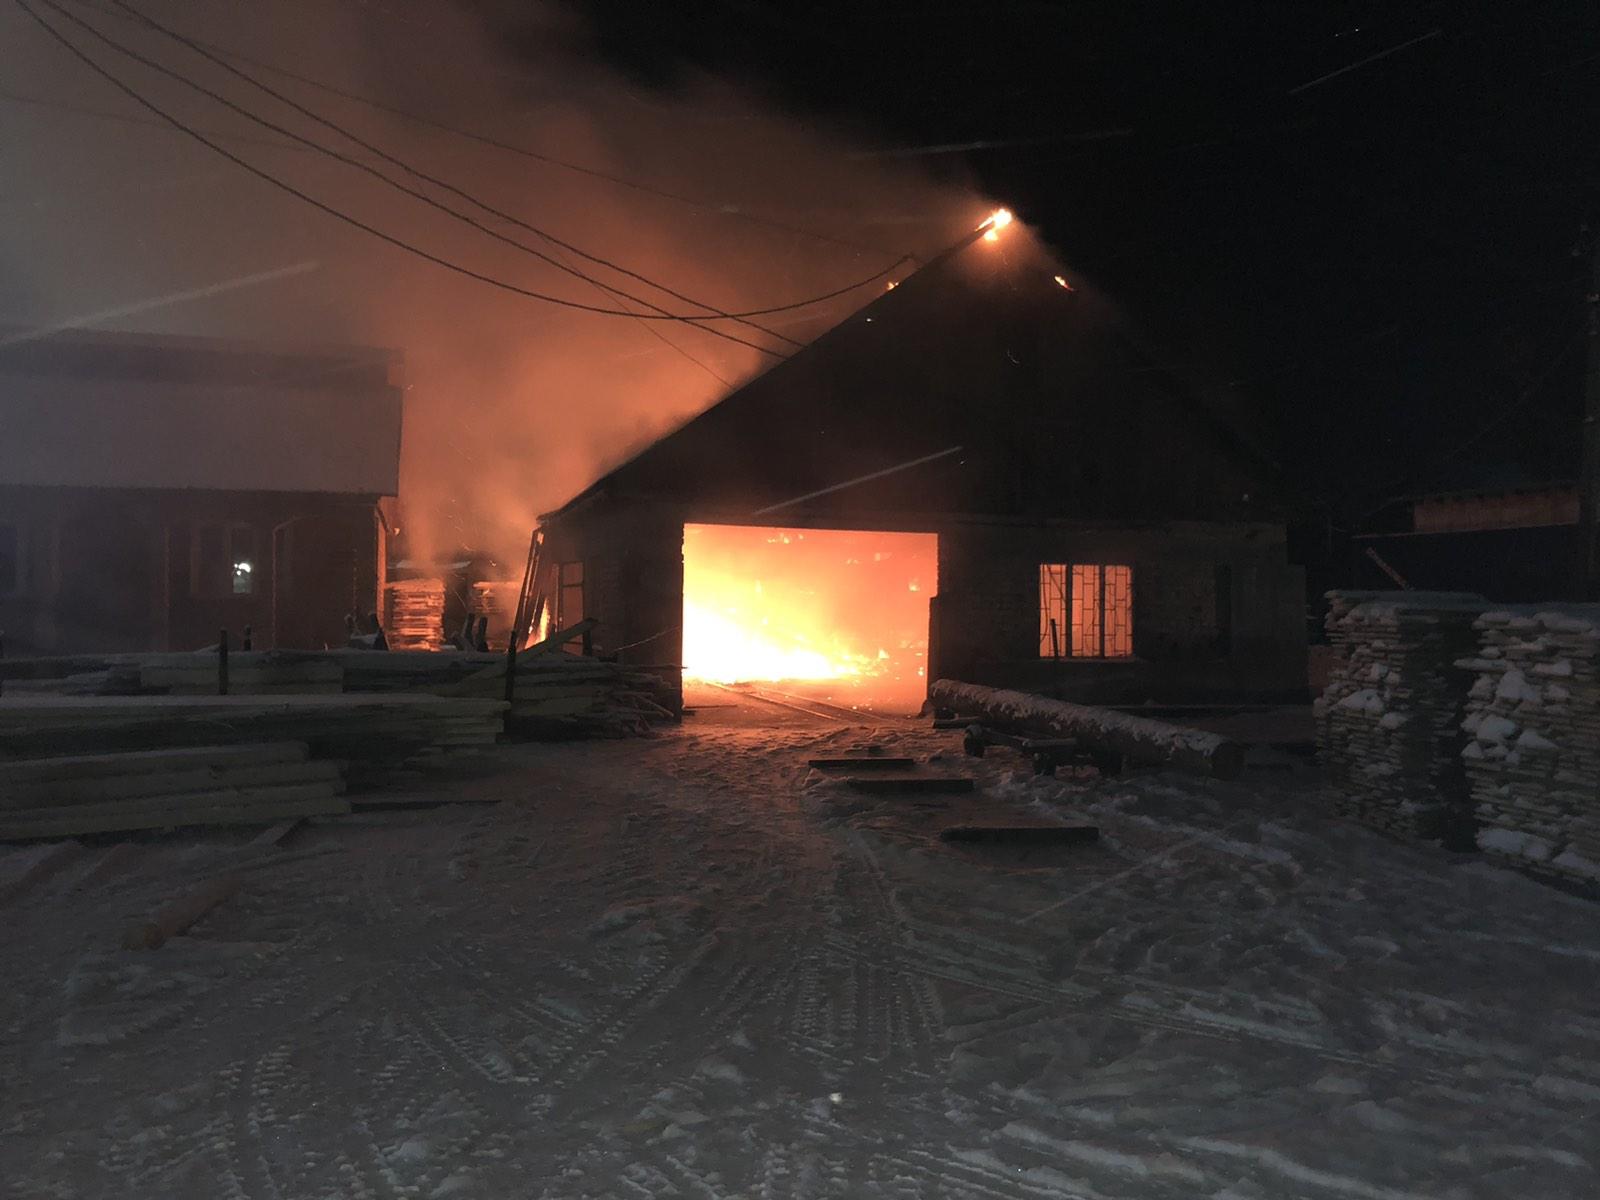 У ніч на 14 лютого сталася пожежа в с. Нижня Апша Тячівського району. Тут загорілася одноповерхова будівля цеху місцевої пилорами.